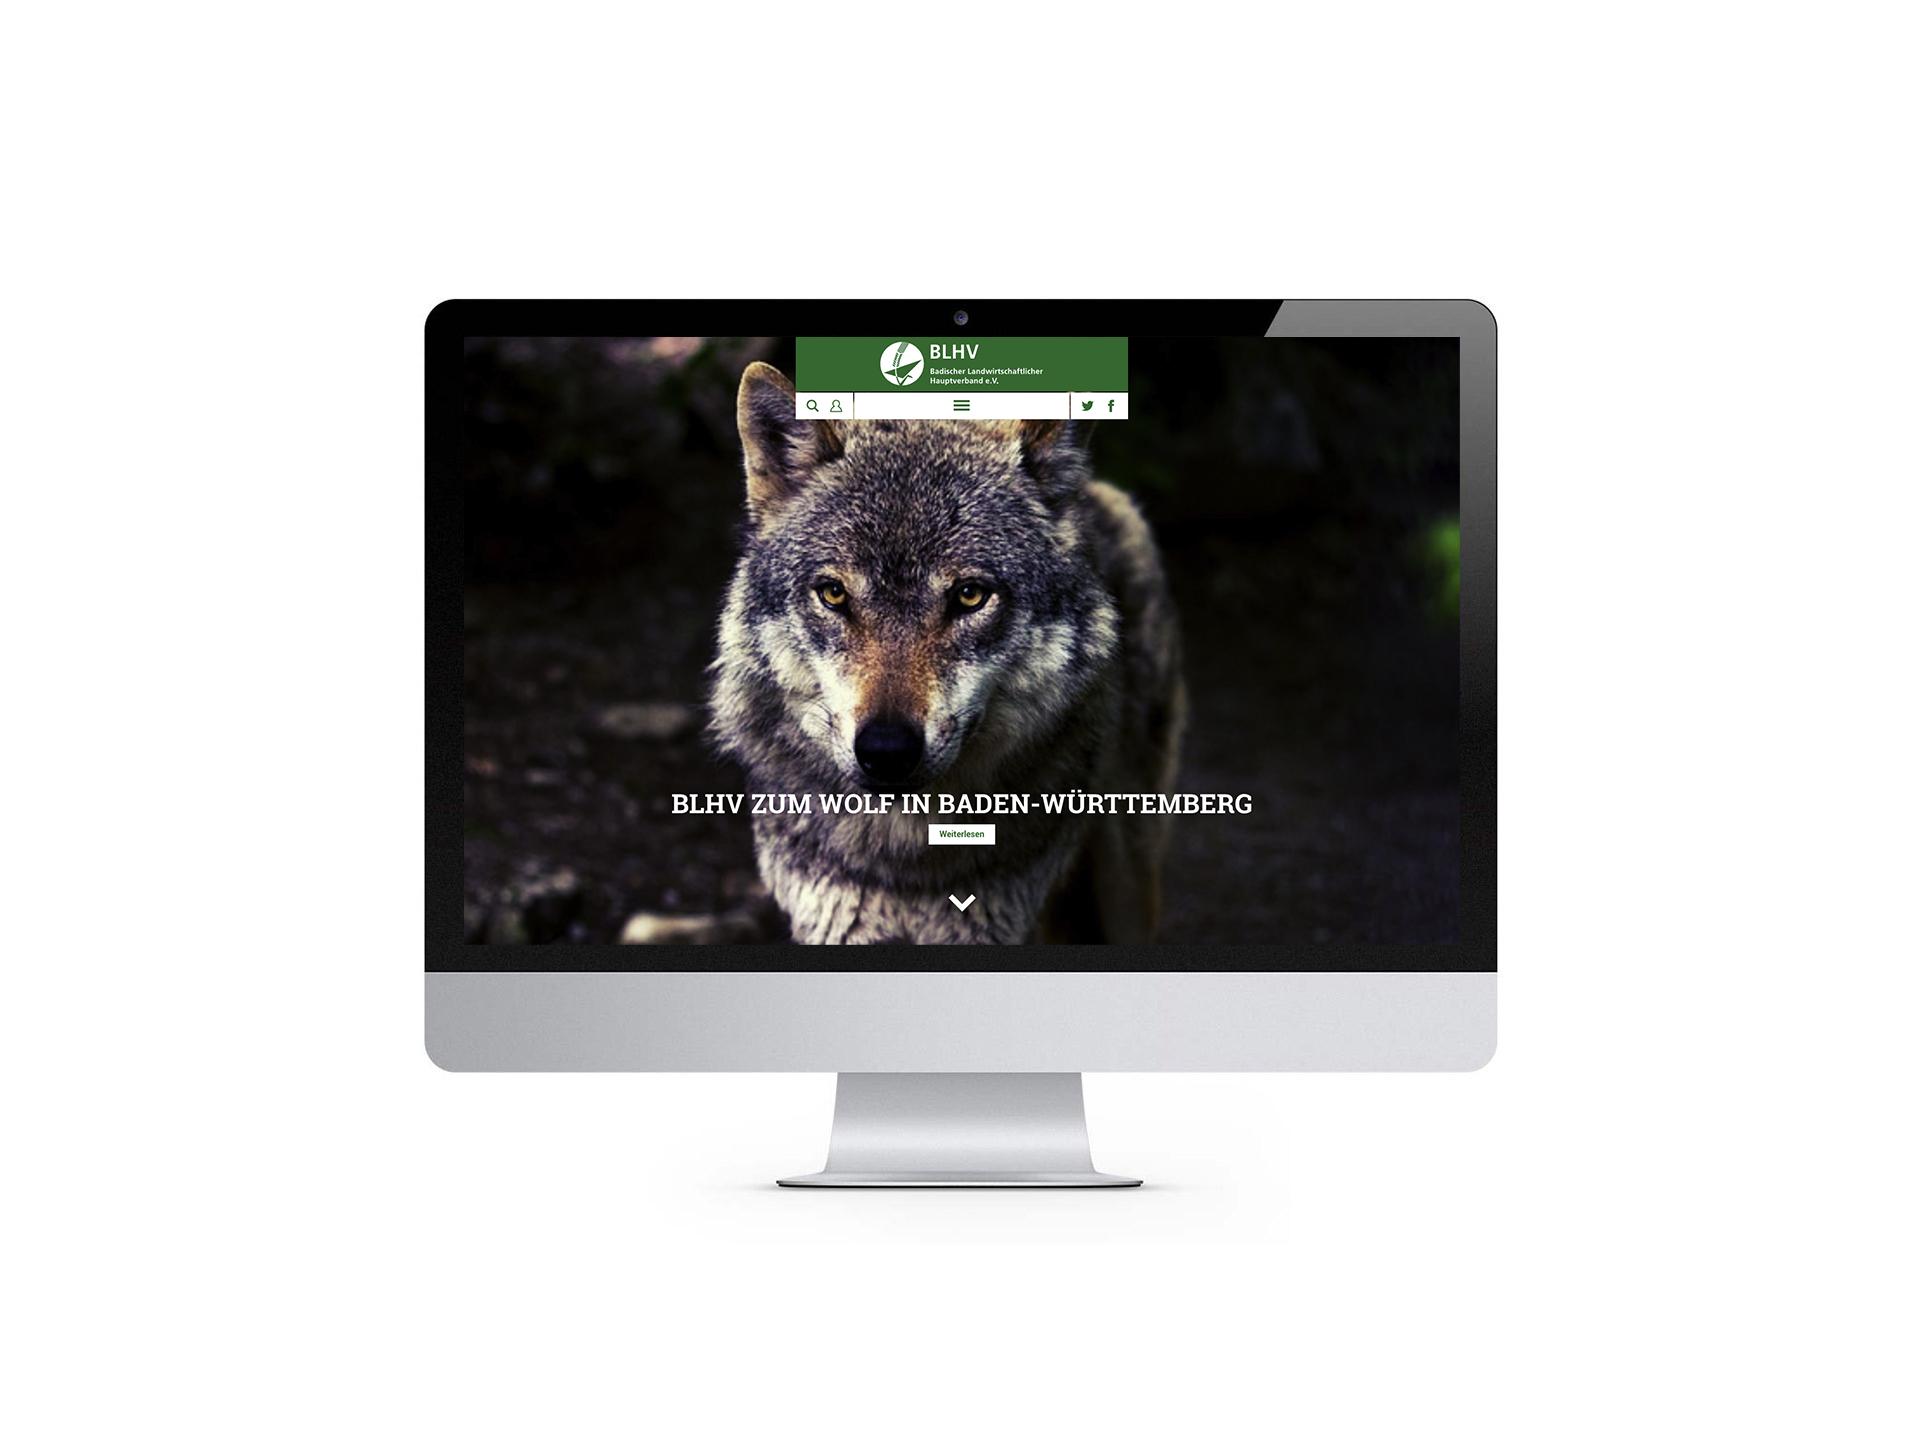 Neue Website für den BLHV, Badischer Landwirtschaftlicher Hauptverband e.V. . Gestaltet von Werbeagentur Schleiner + Partner. Auf dem Bild: Screenshot der Webseite auf einem Monitor.